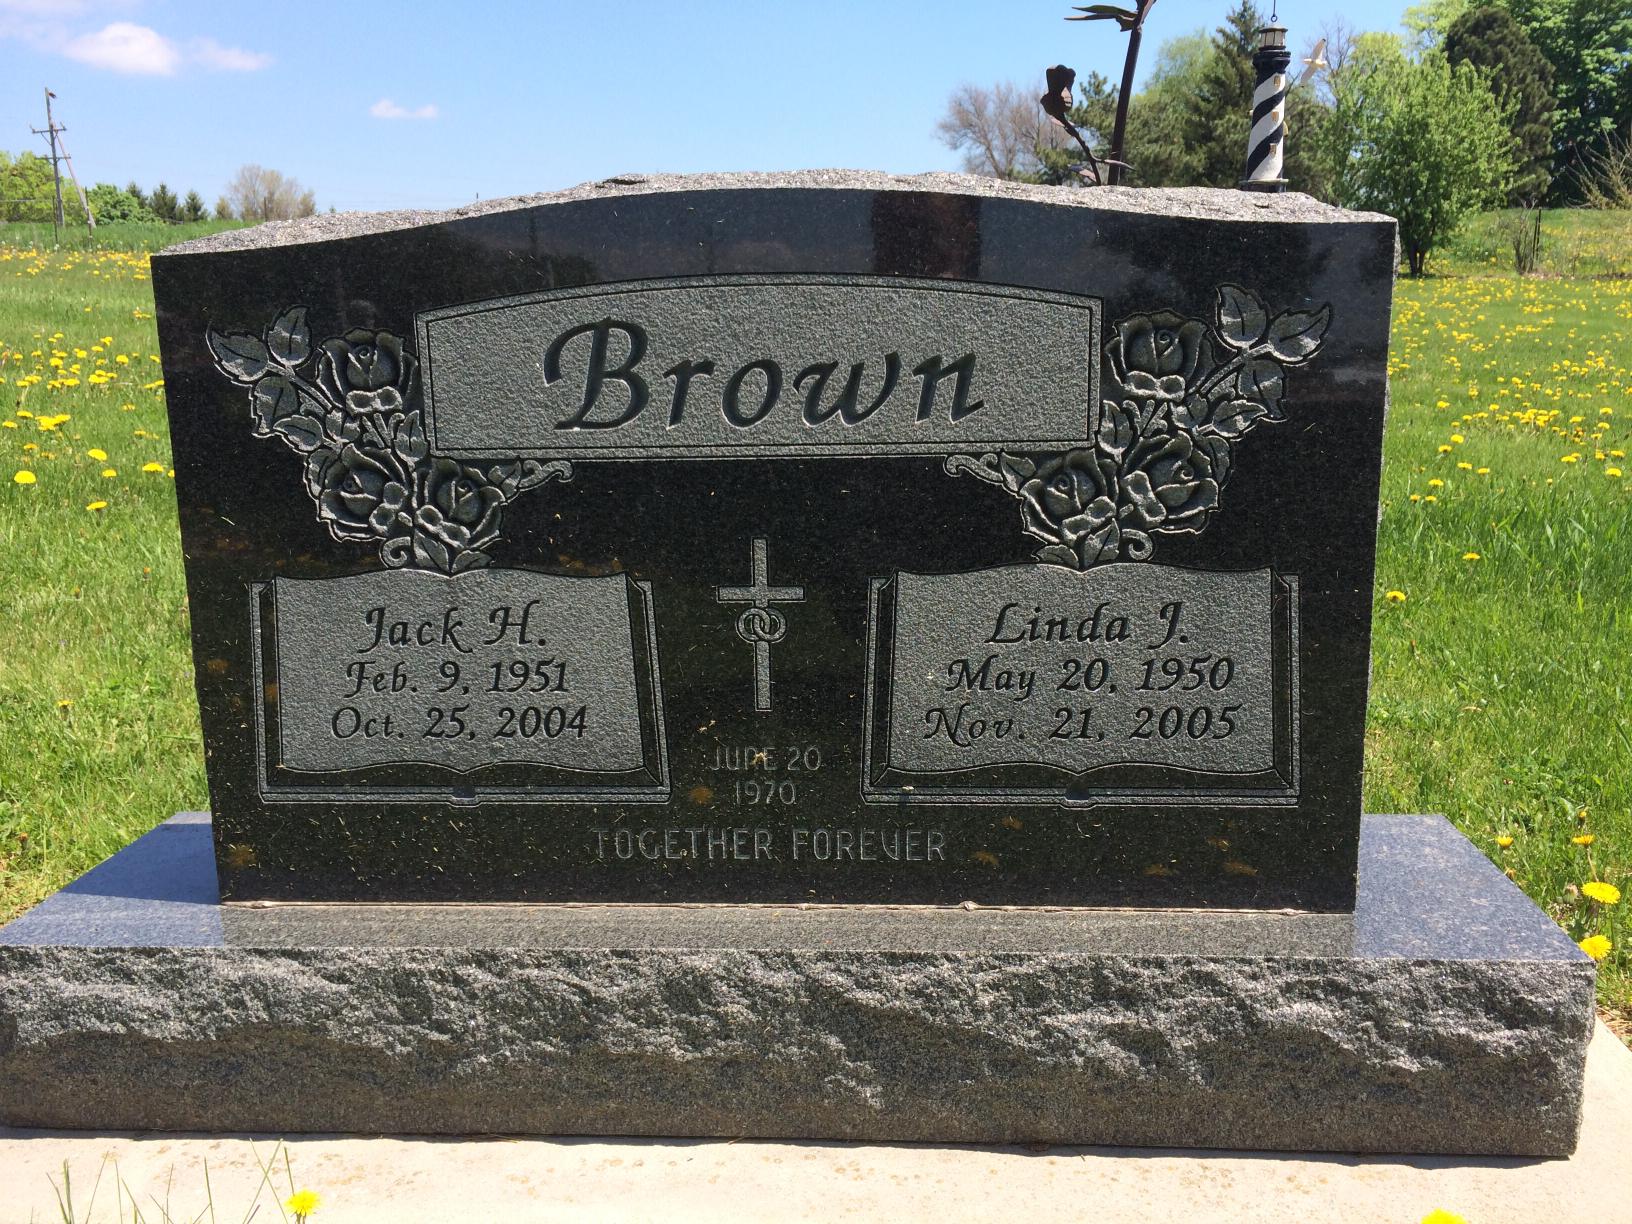 Linda J. Brown